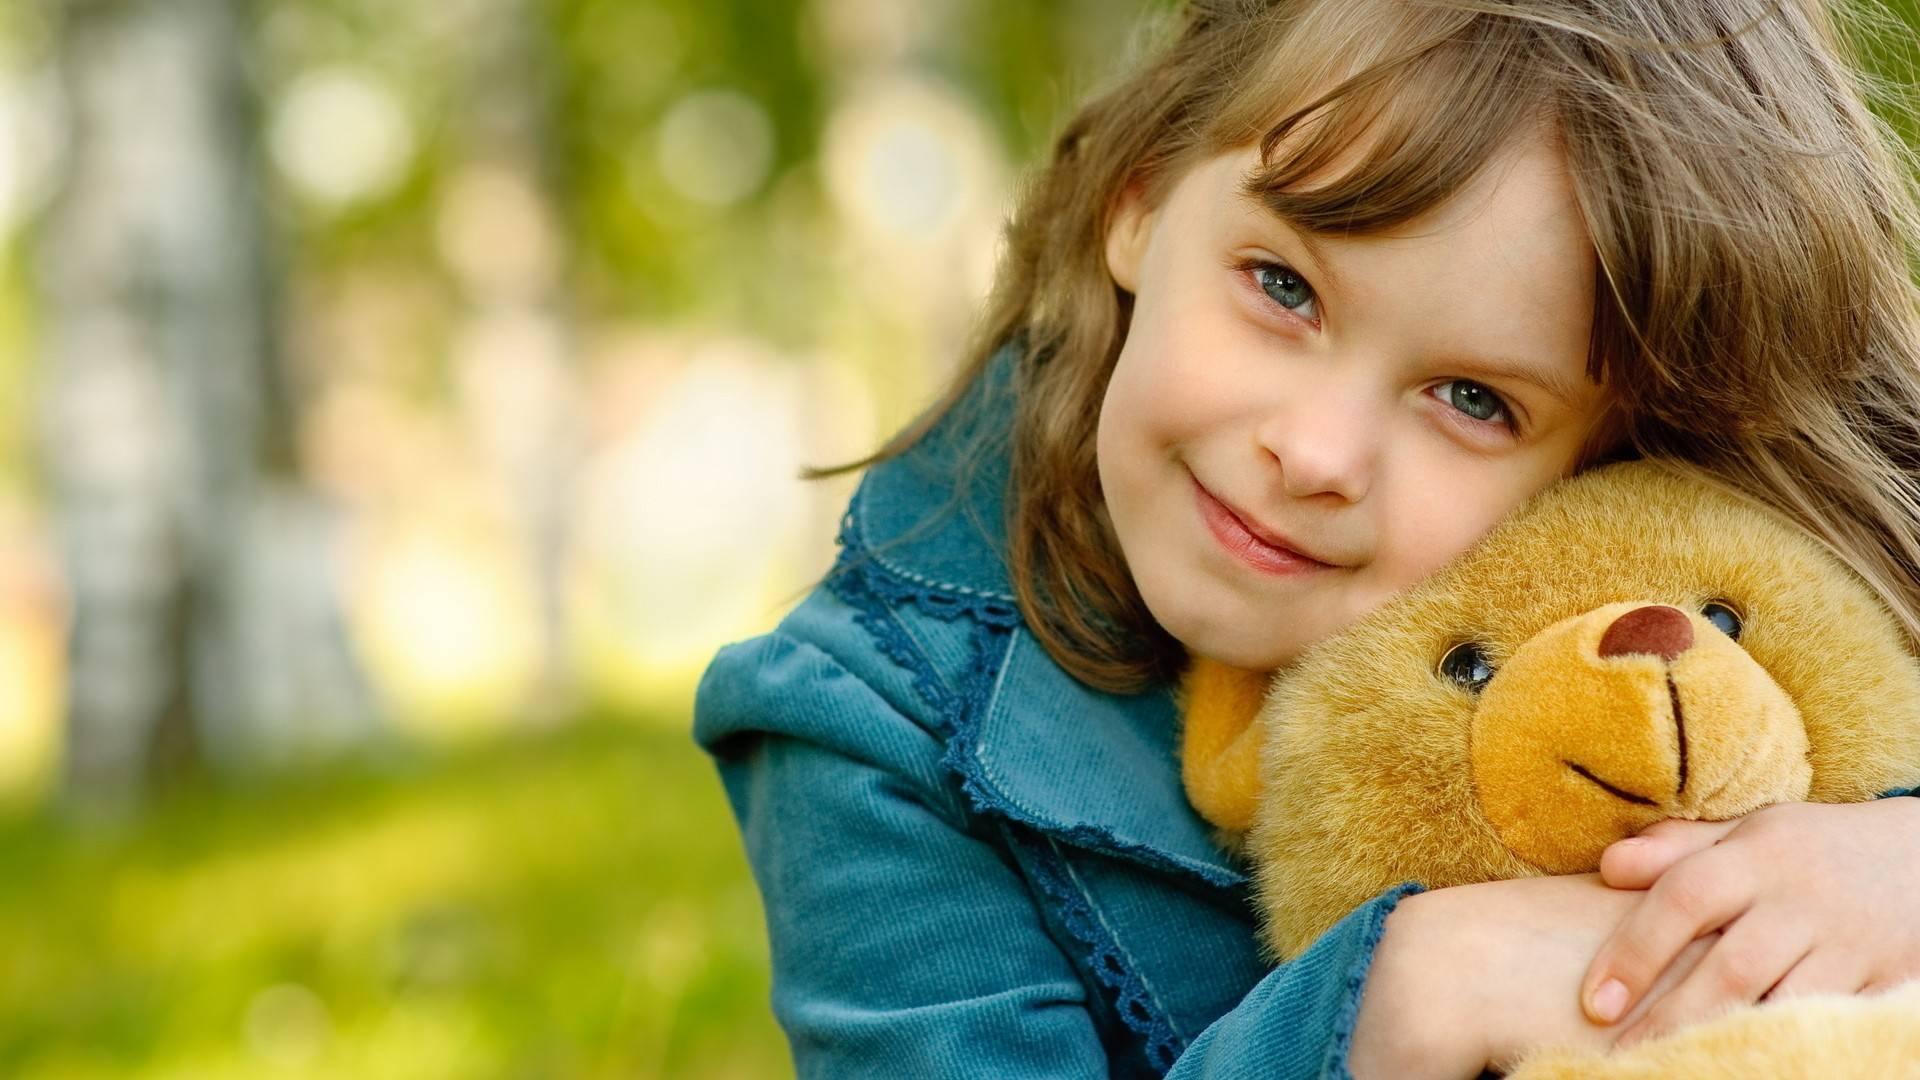 Kids Toys 19201080 Wallpaper 1674571 1920x1080